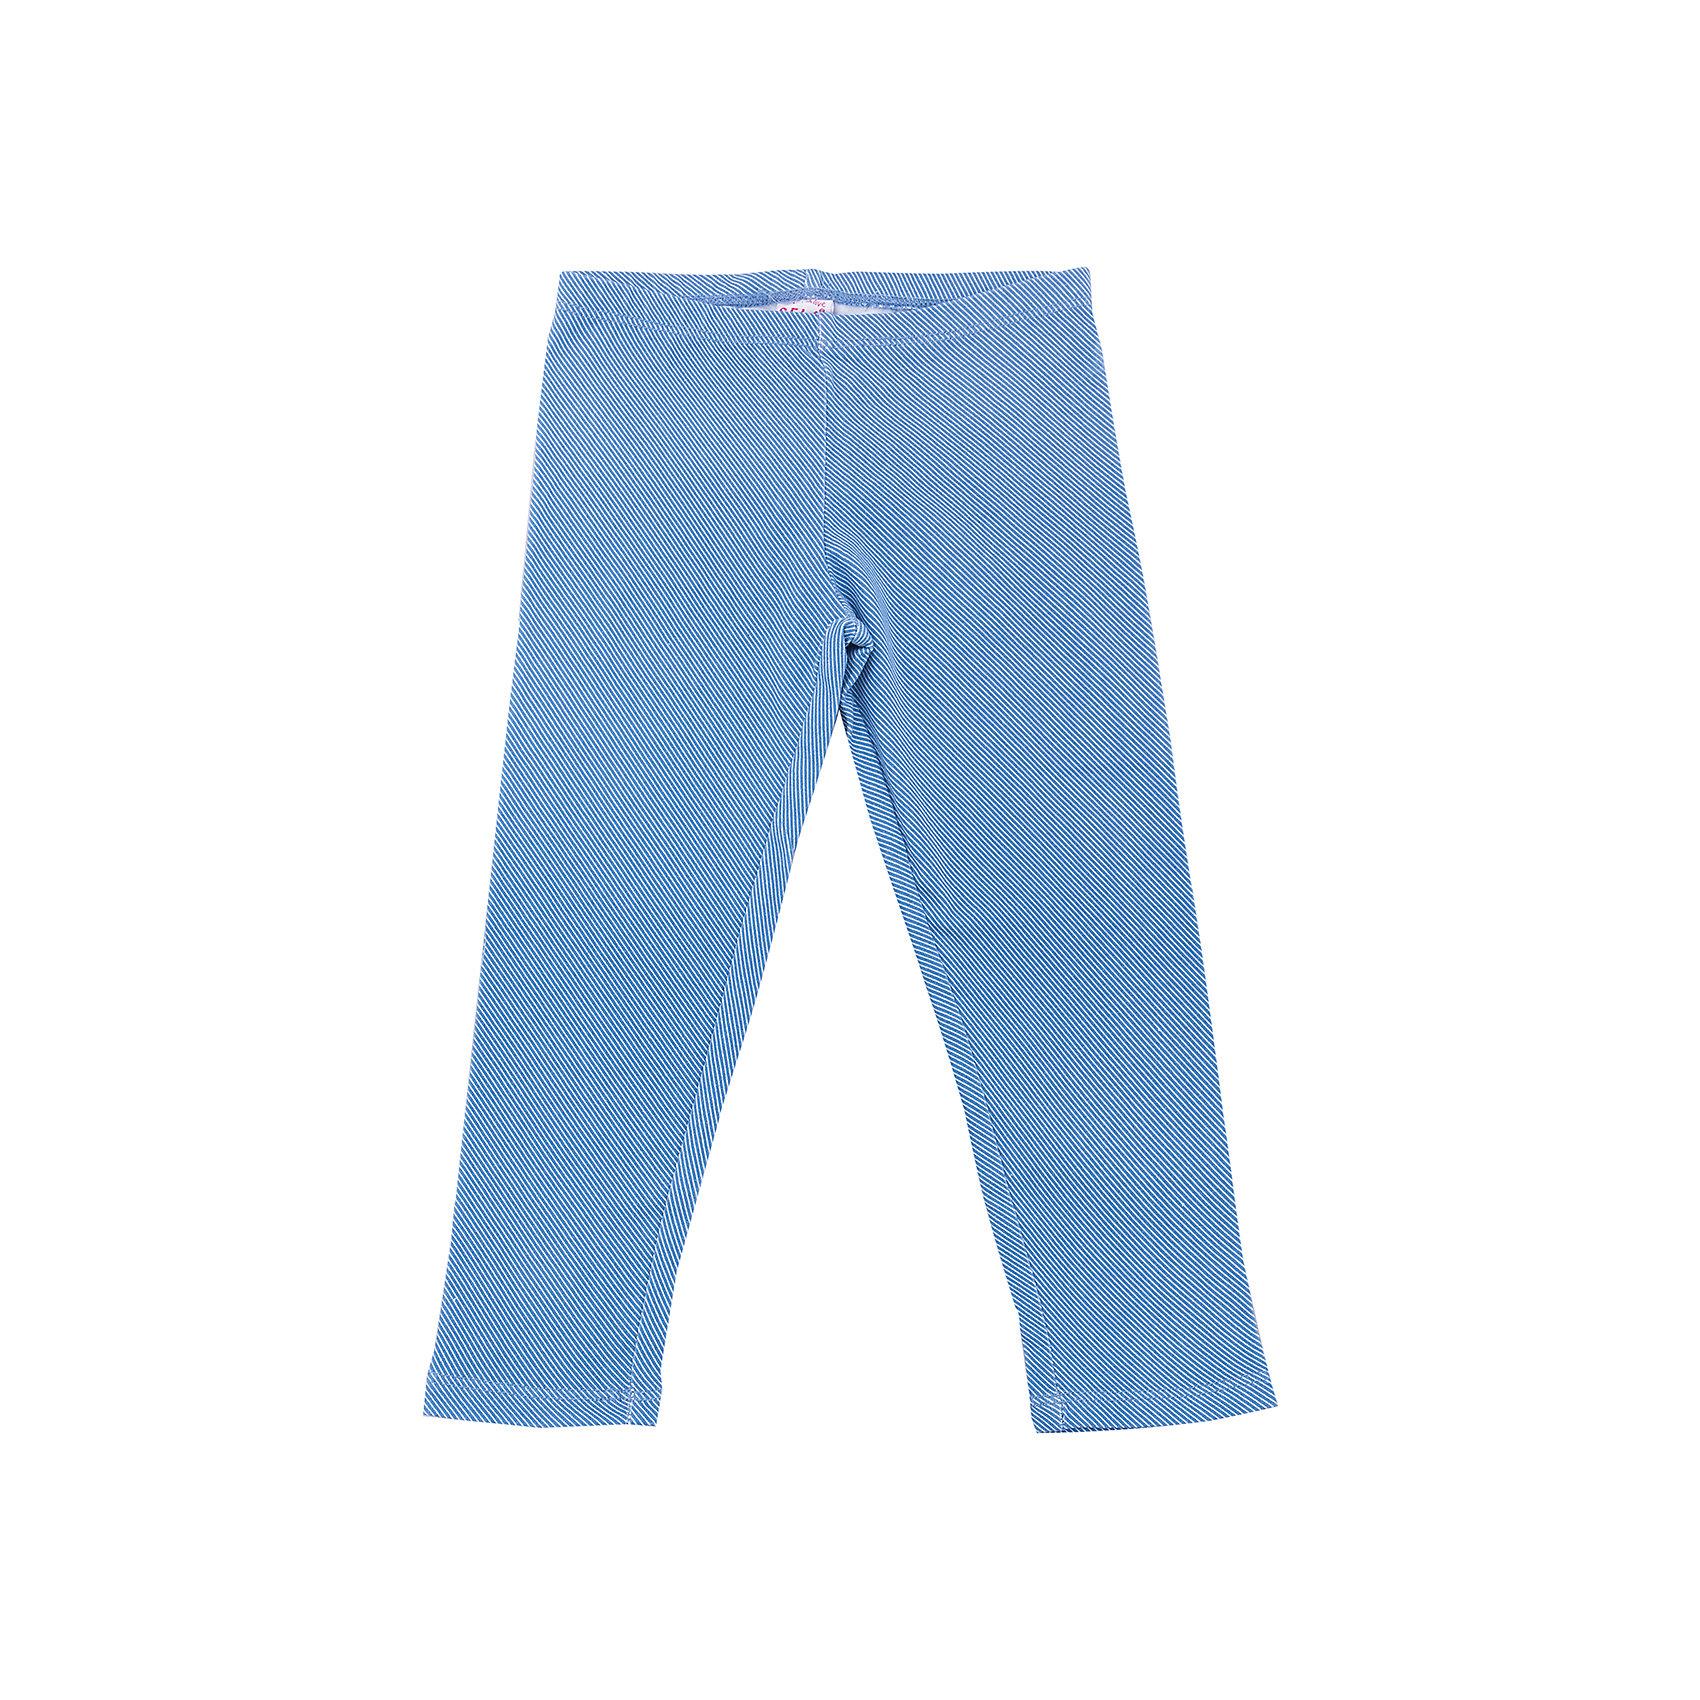 Леггинсы для девочки SELAХарактеристики товара:<br><br>• цвет: голубой<br>• состав: 95% хлопок, 5% эластан<br>• эластичный материал<br>• расцветка под деним<br>• пояс: мягкая резинка <br>• коллекция весна-лето 2017<br>• страна бренда: Российская Федерация<br><br>Вещи из новой коллекции SELA продолжают радовать удобством! Симпатичные леггинсы для девочки помогут разнообразить гардероб и обеспечить комфорт. Они отлично сочетаются с майками, футболками, куртками. В составе материала - натуральный хлопок.<br><br>Одежда, обувь и аксессуары от российского бренда SELA не зря пользуются большой популярностью у детей и взрослых! Модели этой марки - стильные и удобные, цена при этом неизменно остается доступной. Для их производства используются только безопасные, качественные материалы и фурнитура. Новая коллекция поддерживает хорошие традиции бренда! <br><br>Леггинсы для девочки от популярного бренда SELA (СЕЛА) можно купить в нашем интернет-магазине.<br><br>Ширина мм: 215<br>Глубина мм: 88<br>Высота мм: 191<br>Вес г: 336<br>Цвет: синий<br>Возраст от месяцев: 60<br>Возраст до месяцев: 72<br>Пол: Женский<br>Возраст: Детский<br>Размер: 116,110,92,98,104<br>SKU: 5302461